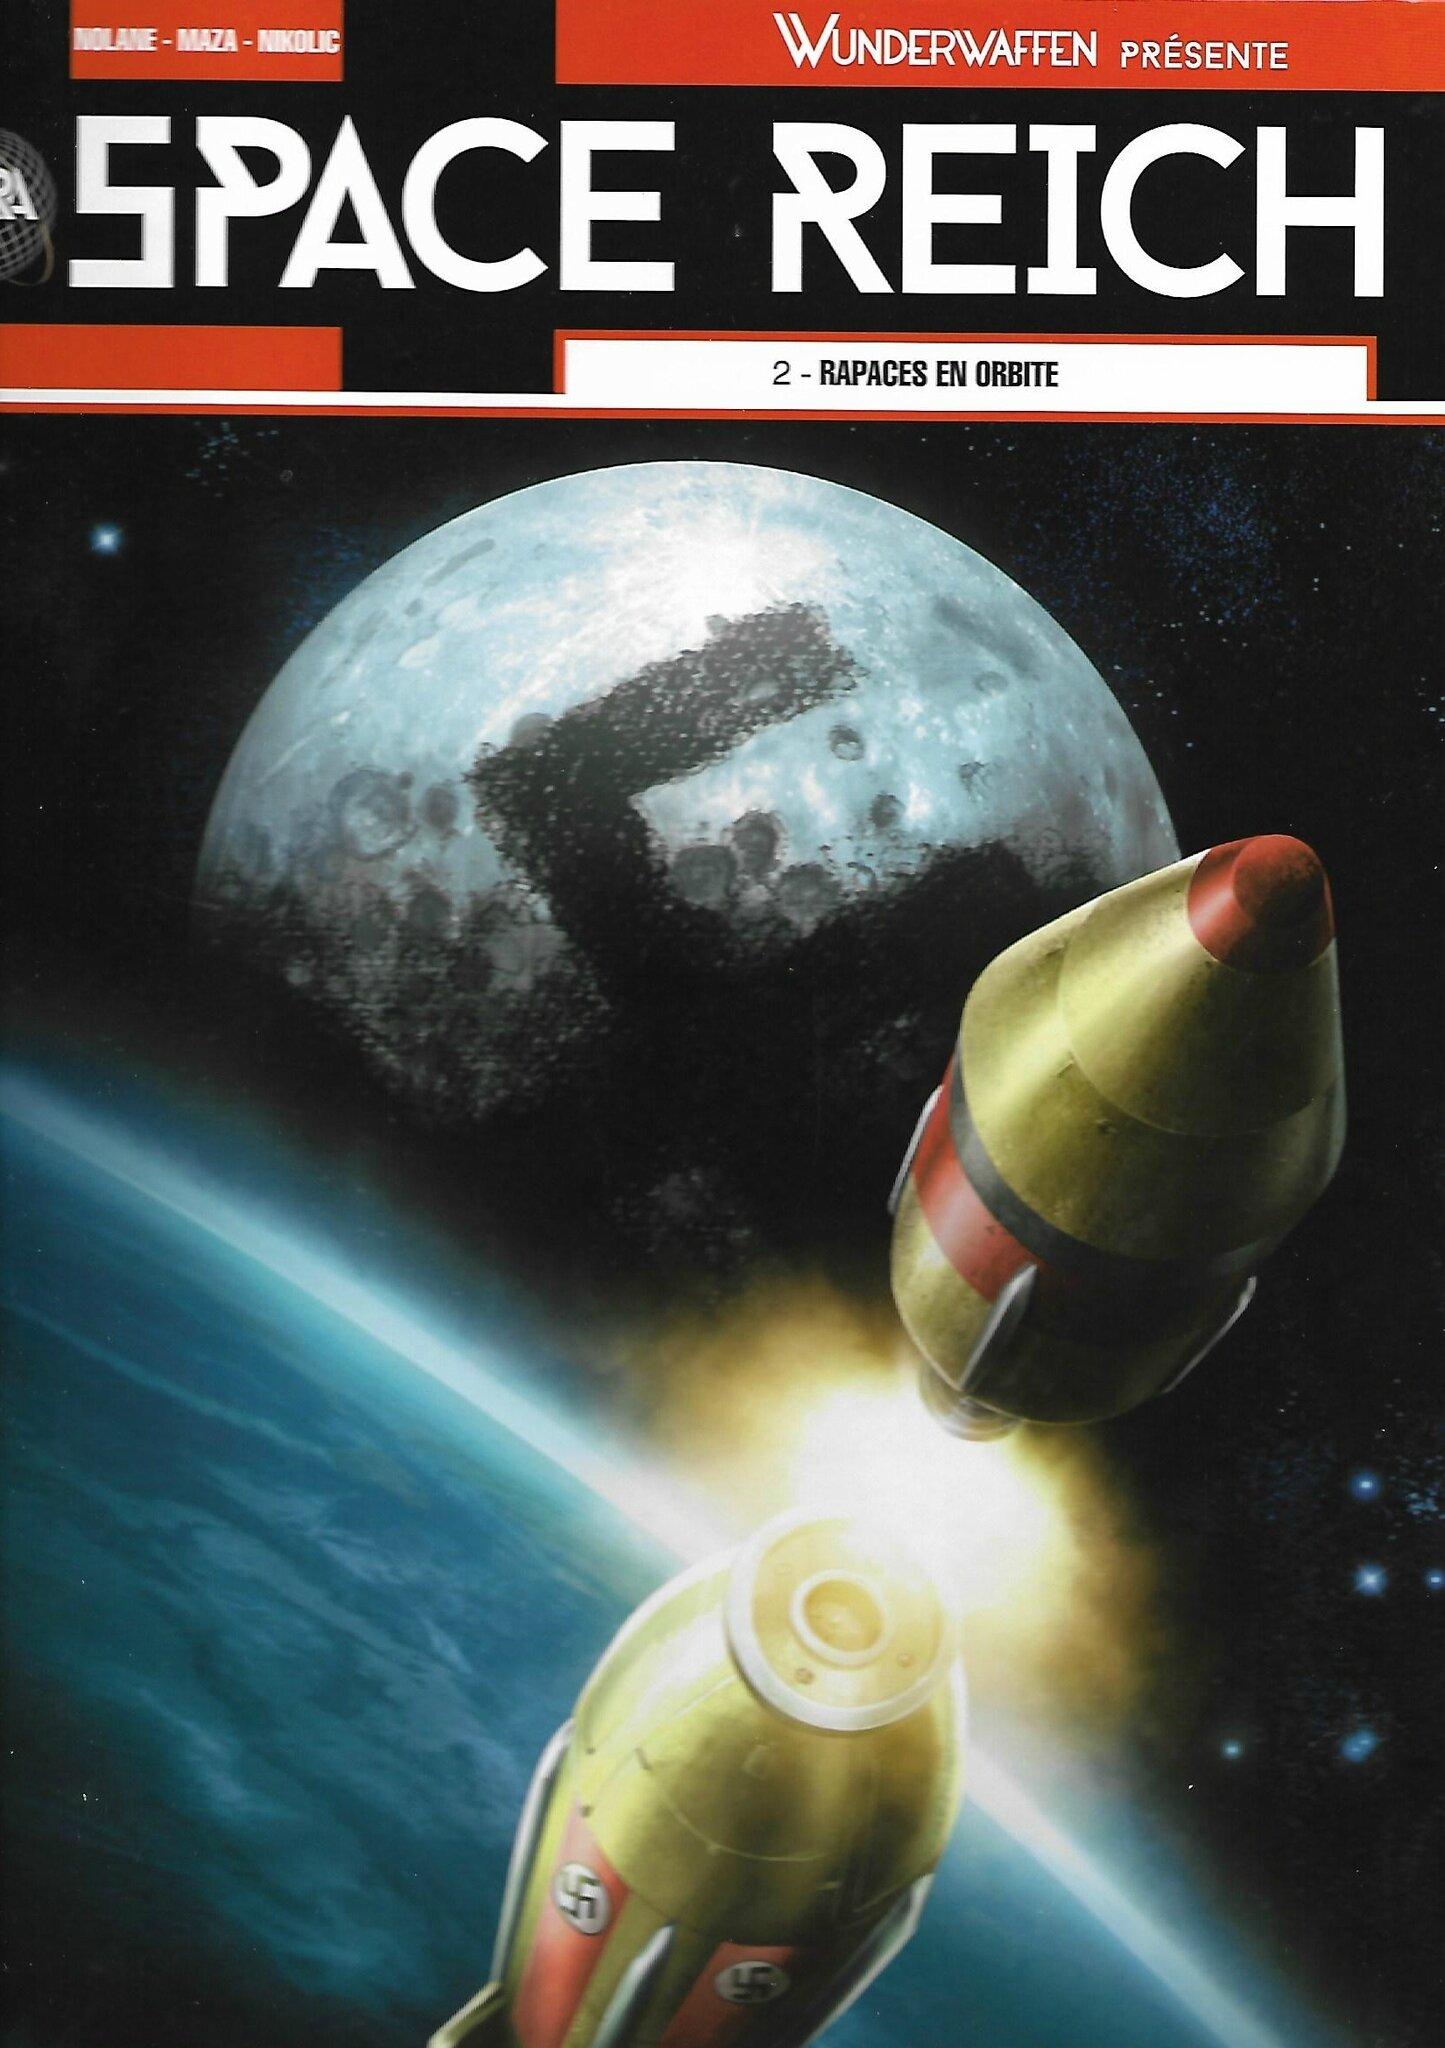 SPACE REICH - Volume 2: Rapaces en orbite - par Richard D. Nolane, Marko Nikolic et Maza